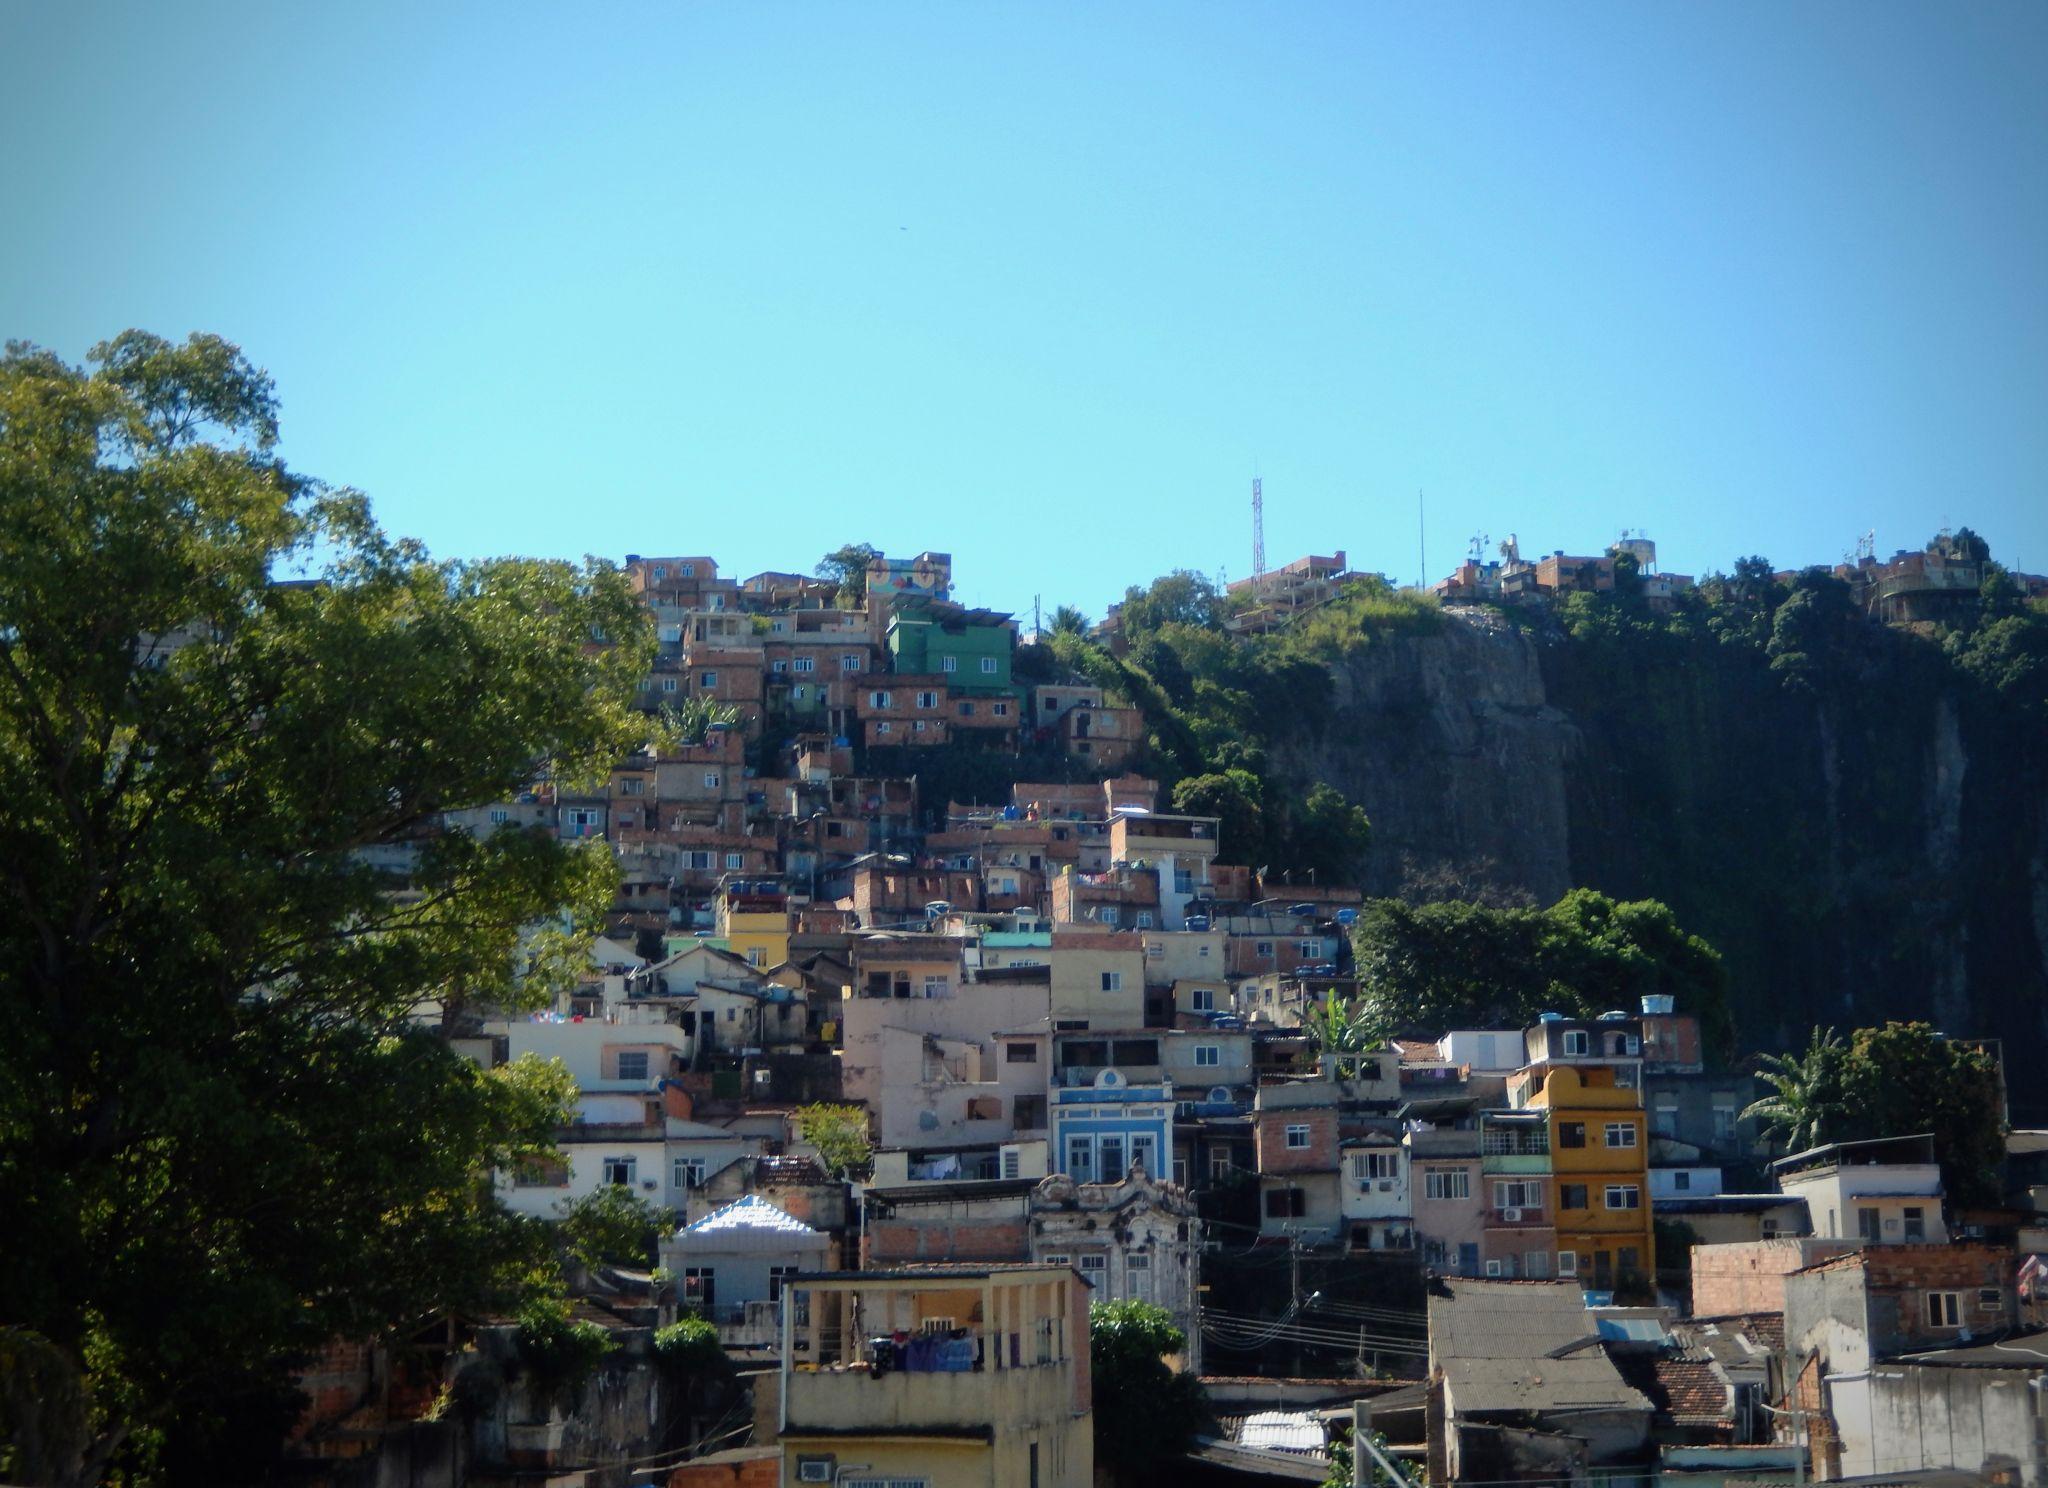 Visiting Favelas Responsibly